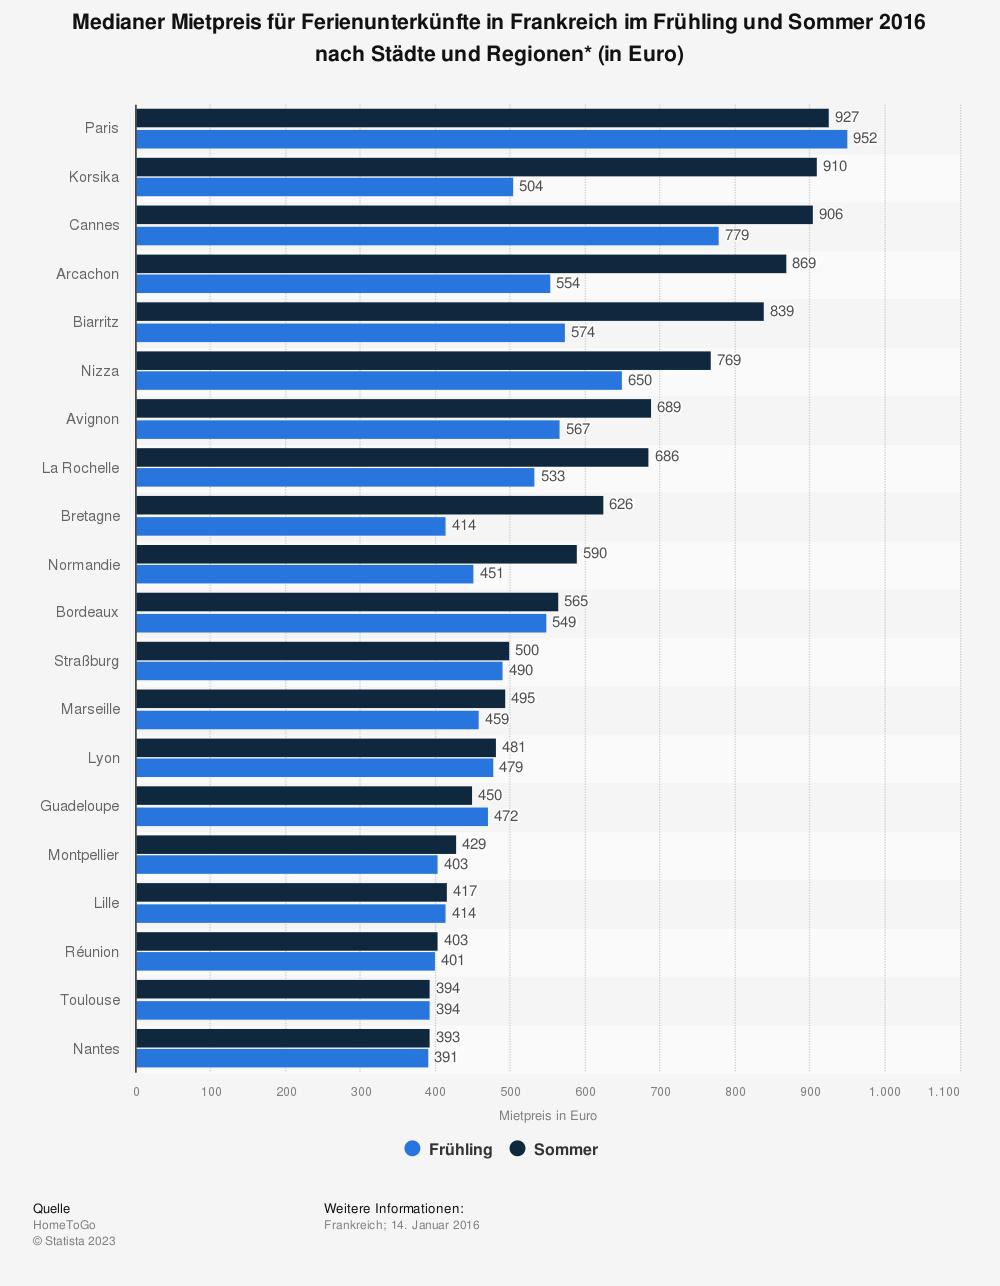 Statistik: Medianer Mietpreis für Ferienunterkünfte in Frankreich im Frühling und Sommer 2016 nach Städte und Regionen* (in Euro) | Statista